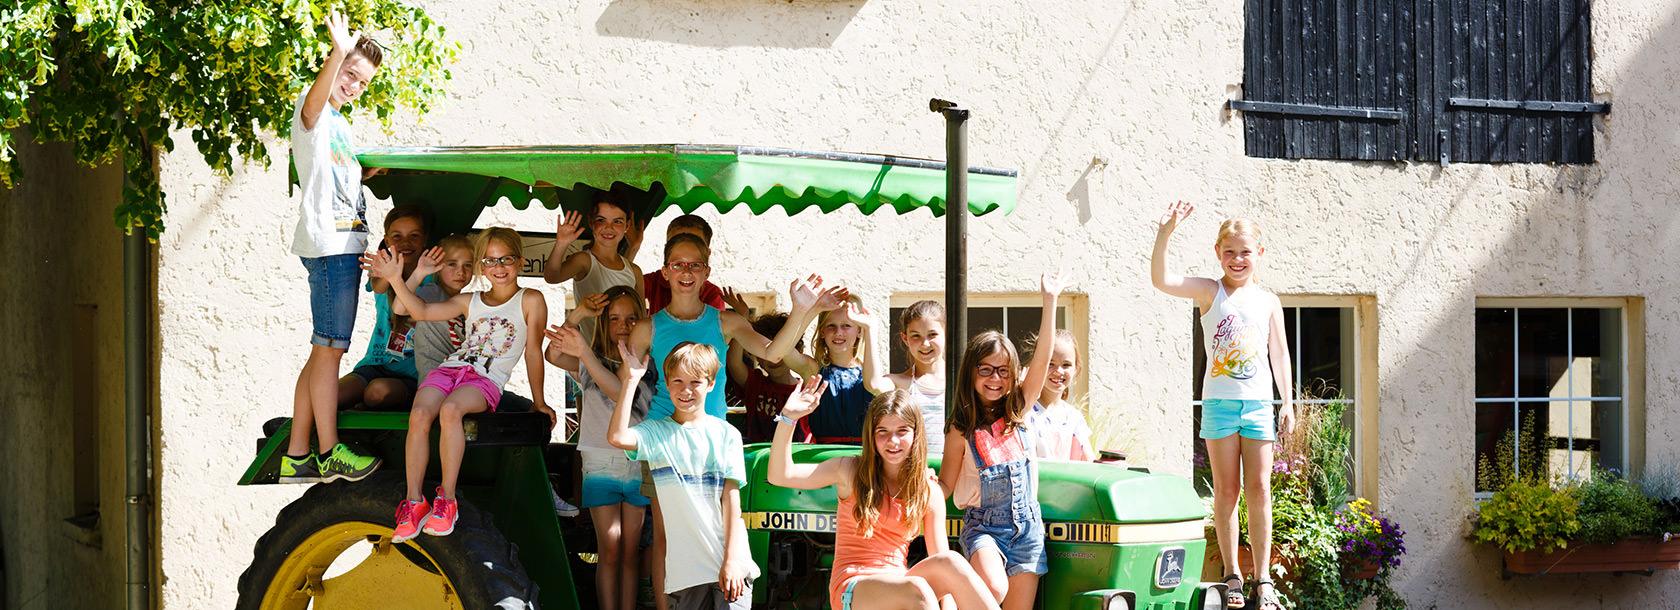 Ferienfreizeit für sozial benachteiligte Kinder